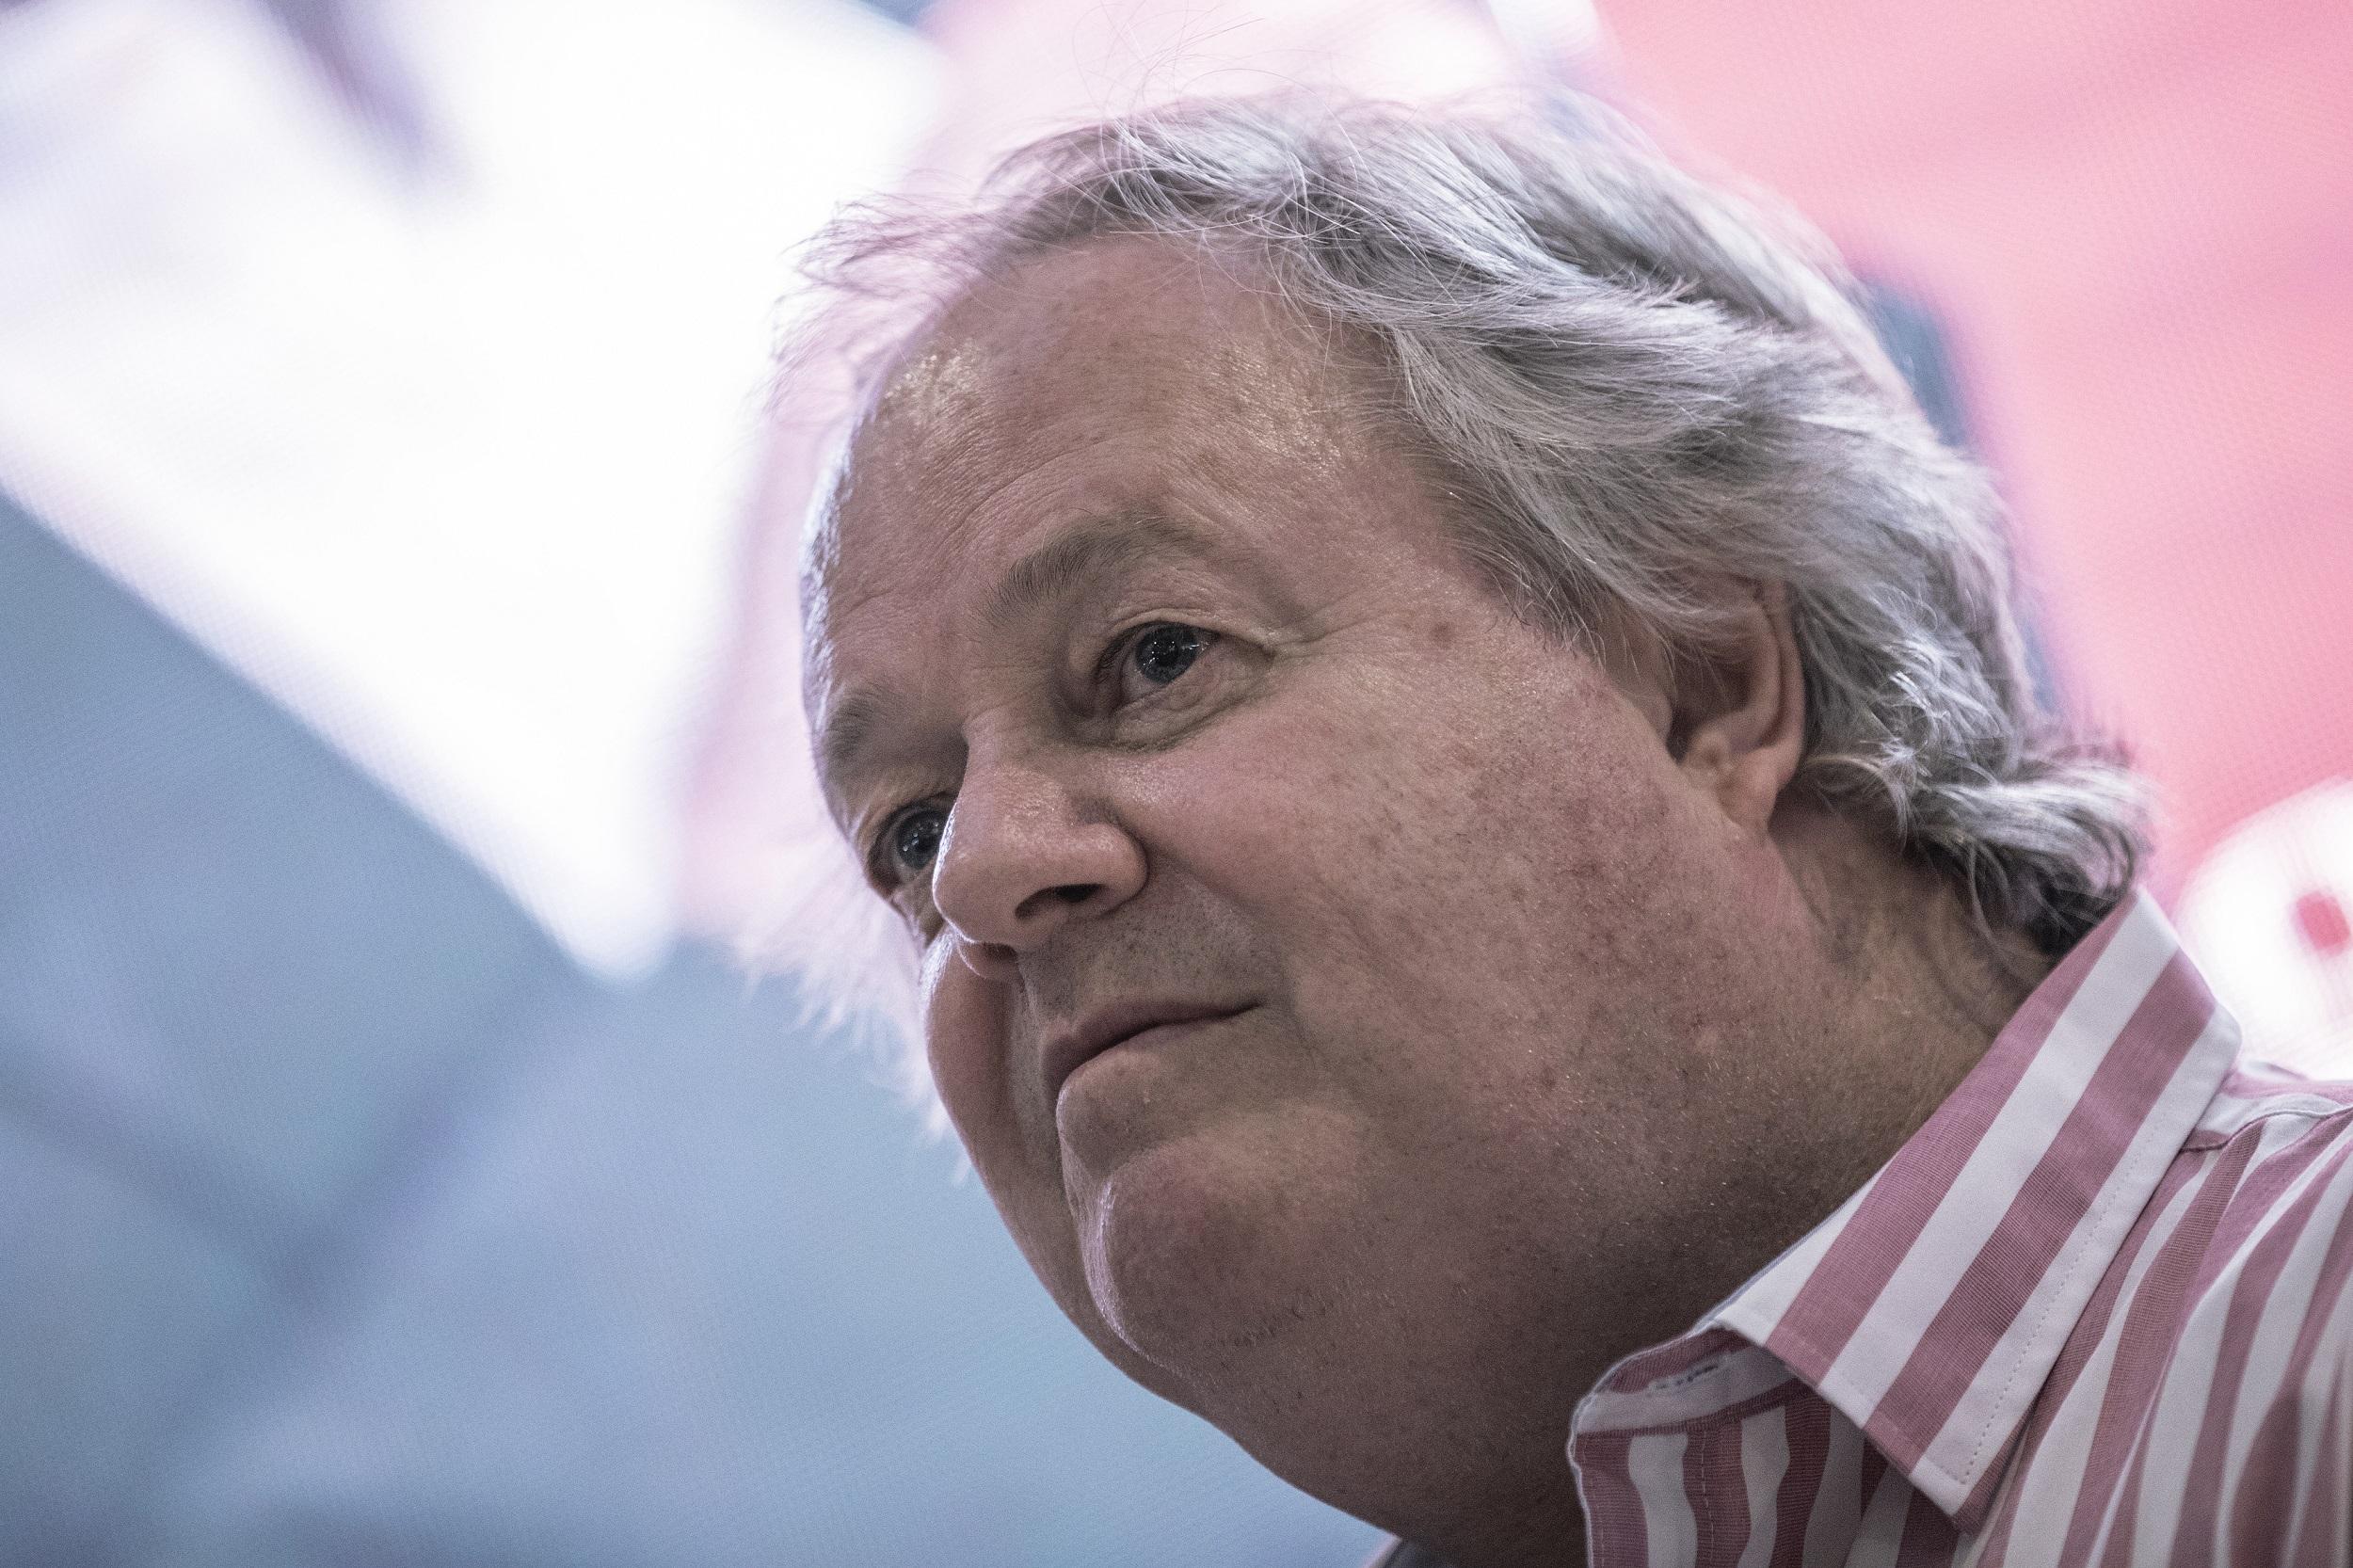 Jacques Pauw faces criminal charges